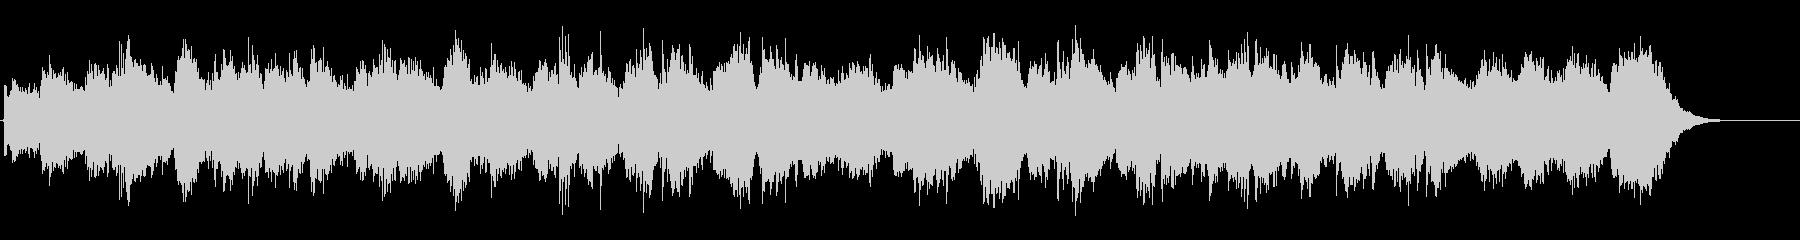 環境音楽(ニューエイジ系)の未再生の波形